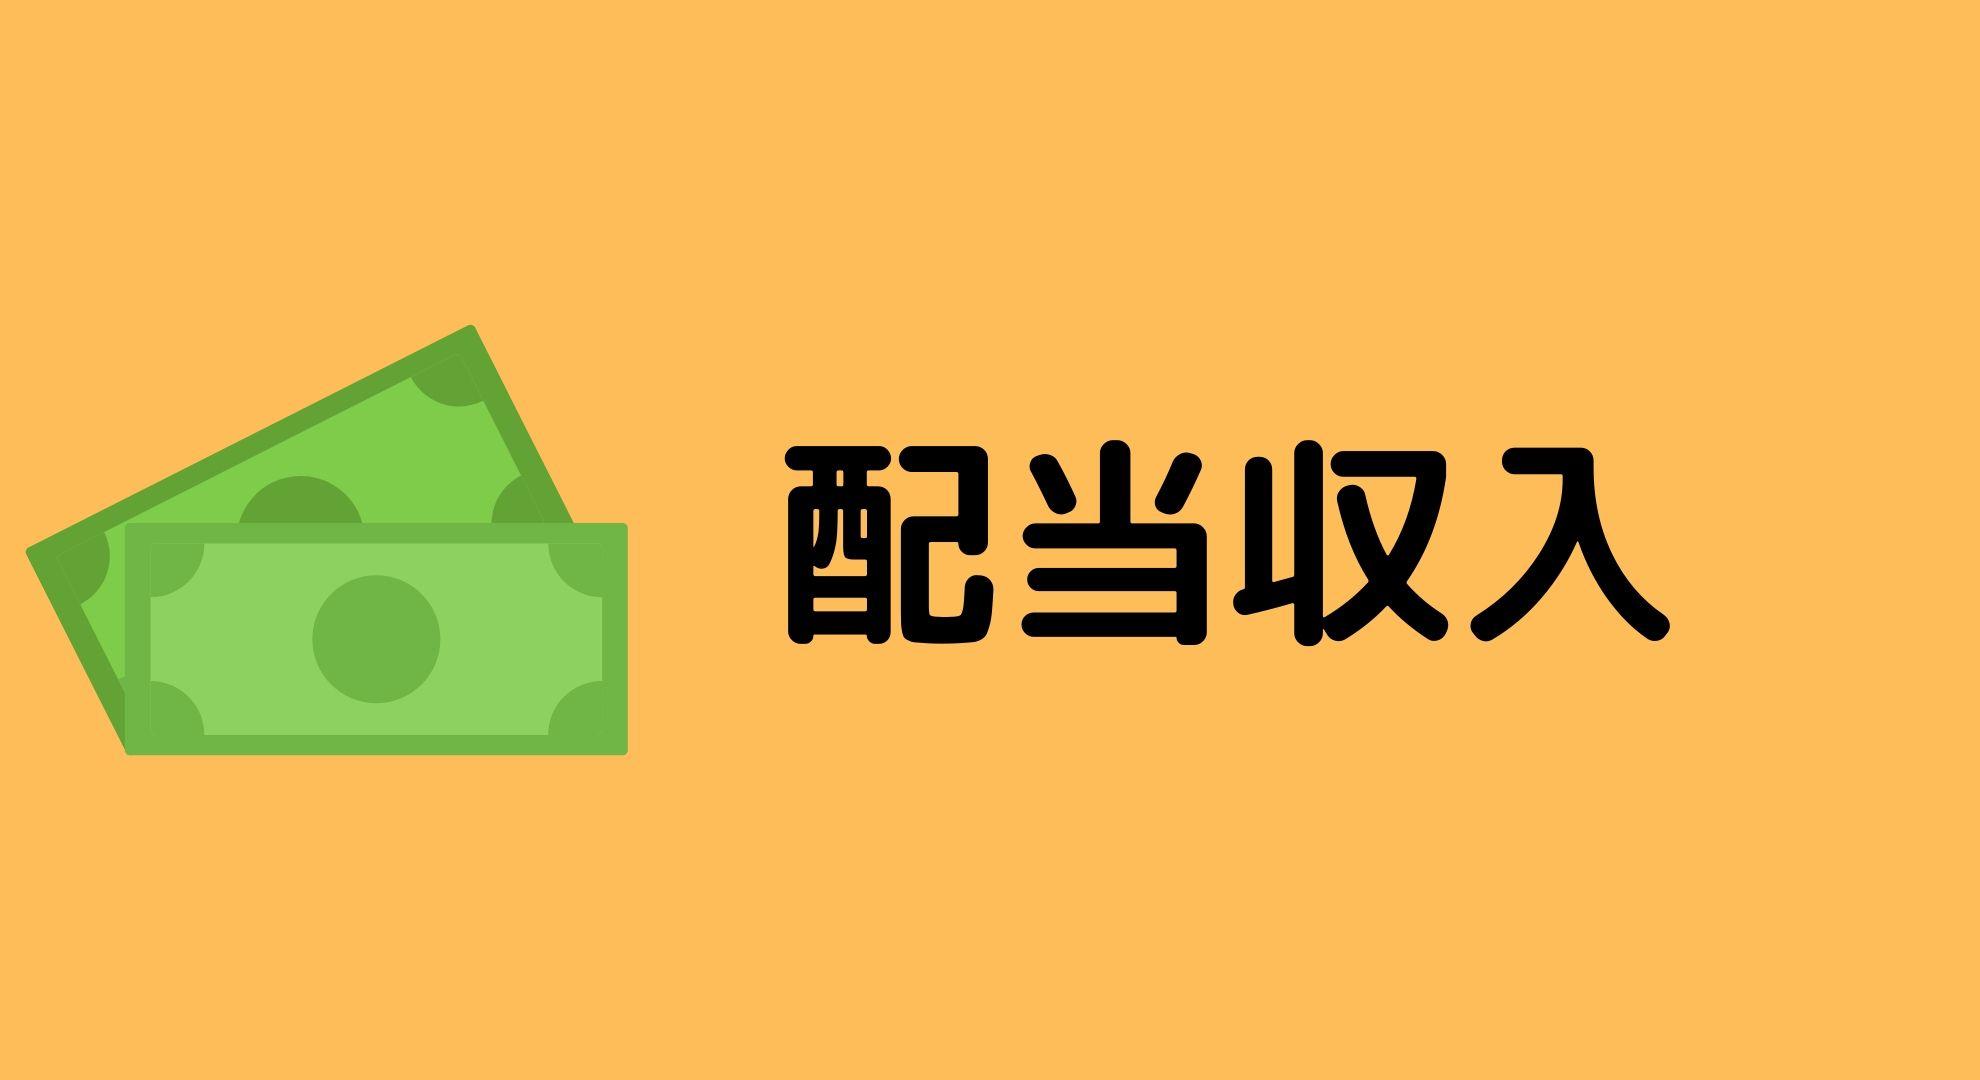 【7月の複業】7月の配当とブログ収入